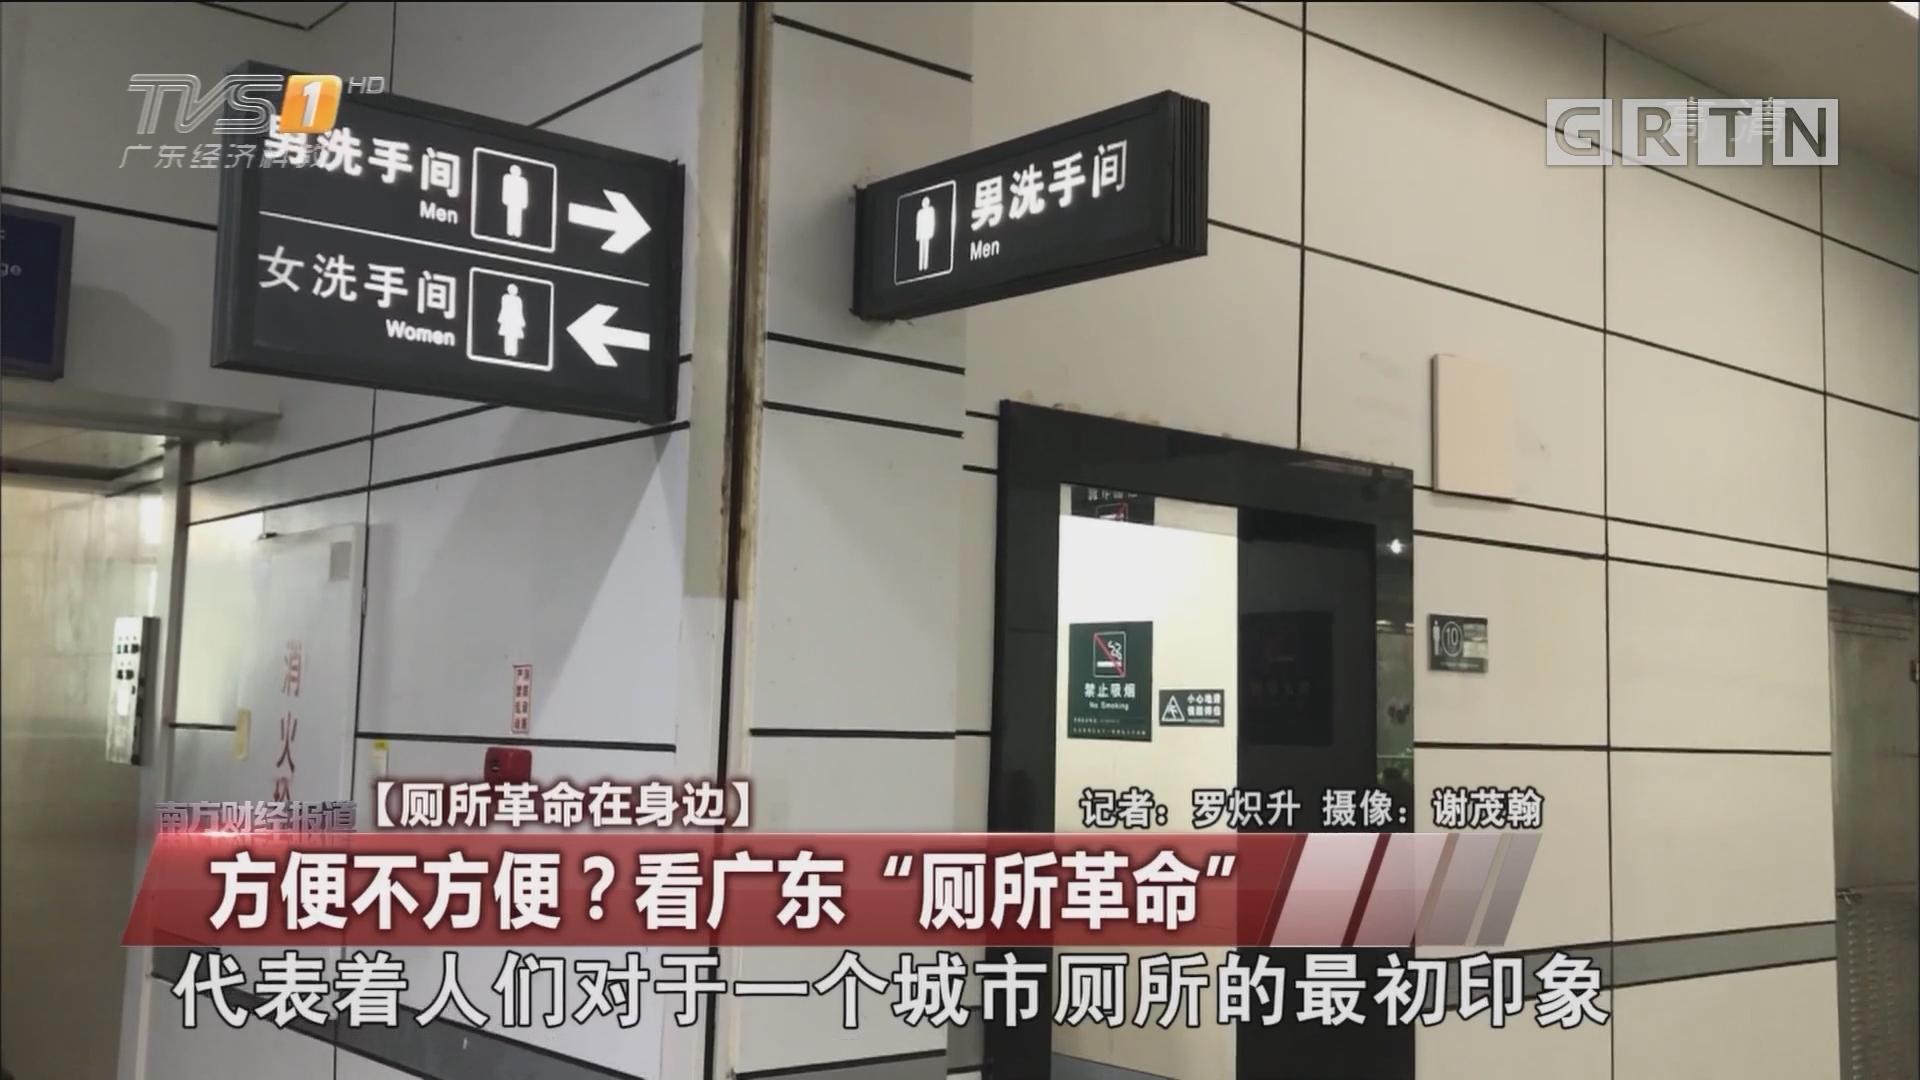 """厕所革命在身边:方便不方便?看广东""""厕所革命"""""""